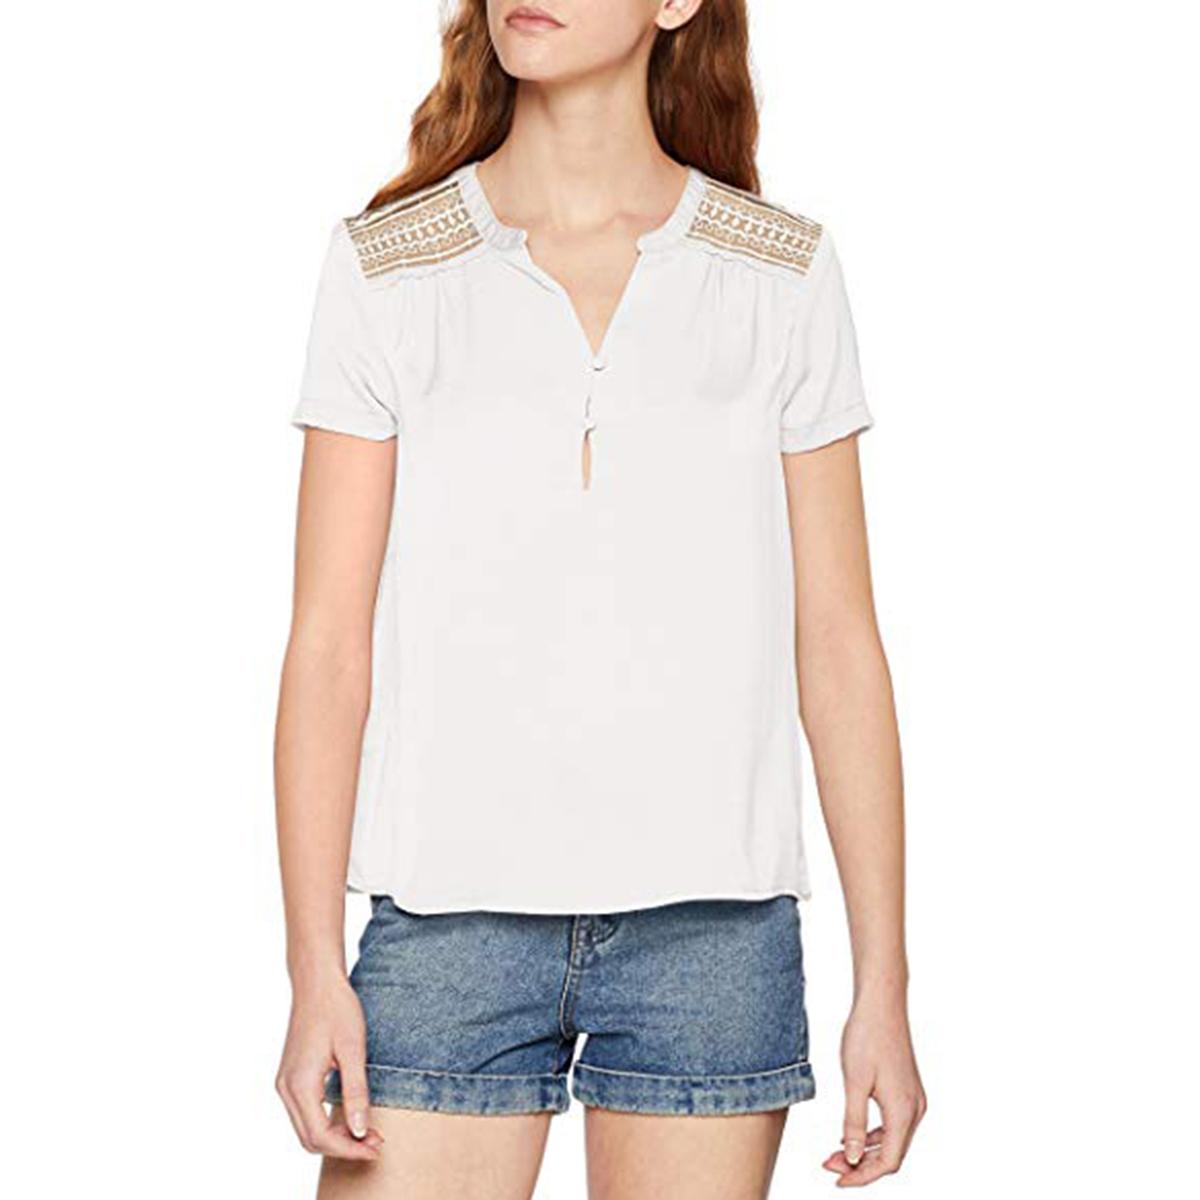 Блузка с тунисским вырезом, ажурной спинкой, короткими рукавами